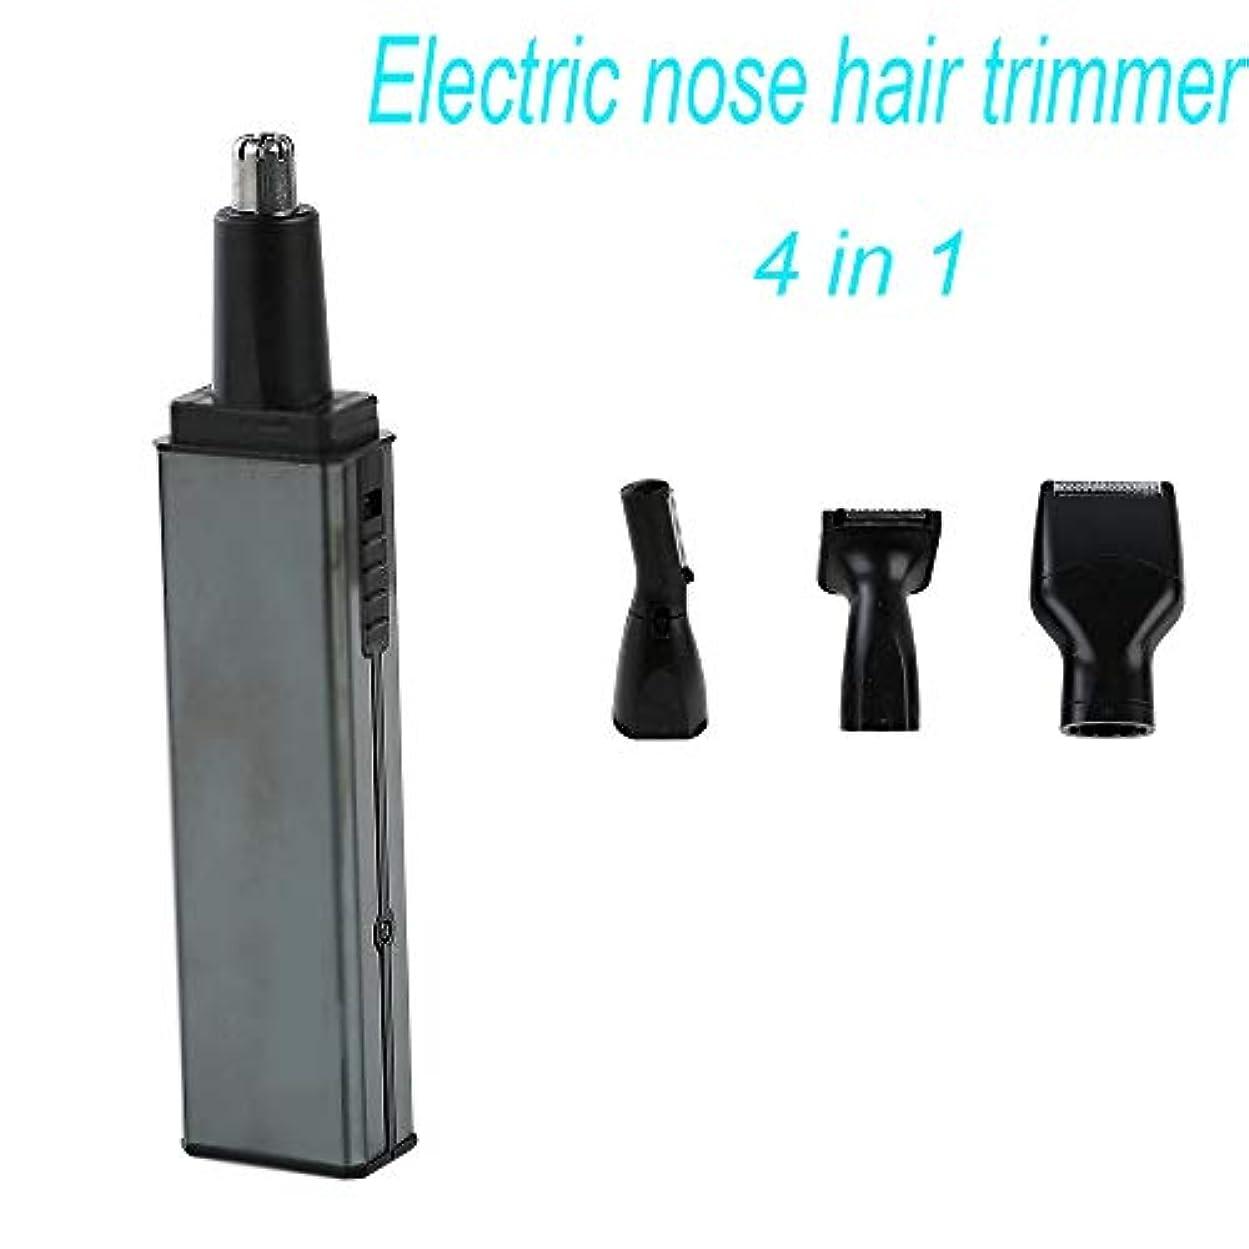 転送挑む送る1グルーミングキット鼻毛トリマー、男性用マルチファンクション耳と鼻毛トリマーで4